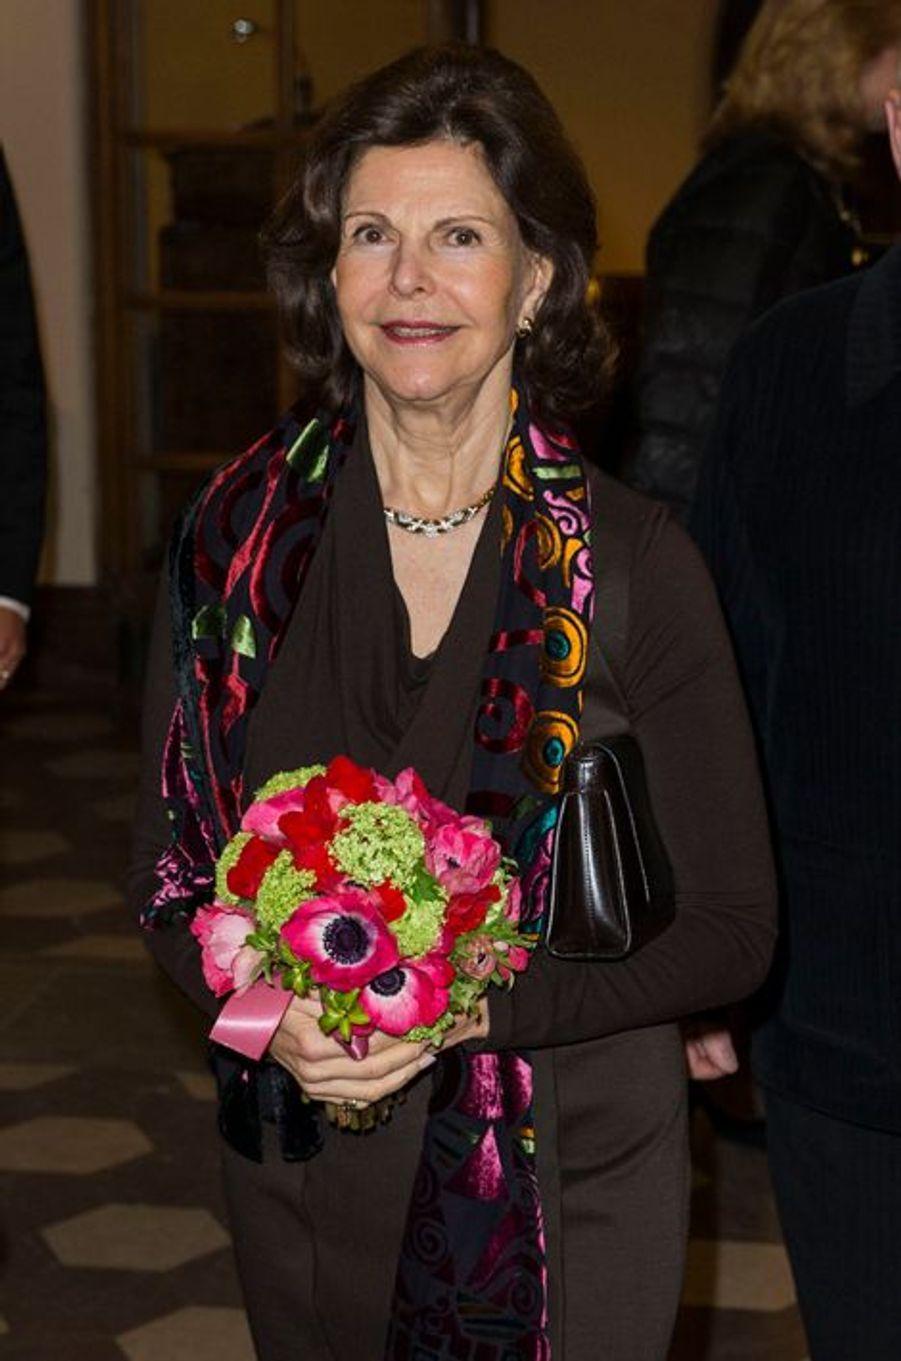 La reine Silvia de Suède à Stockholm, le 19 février 2016